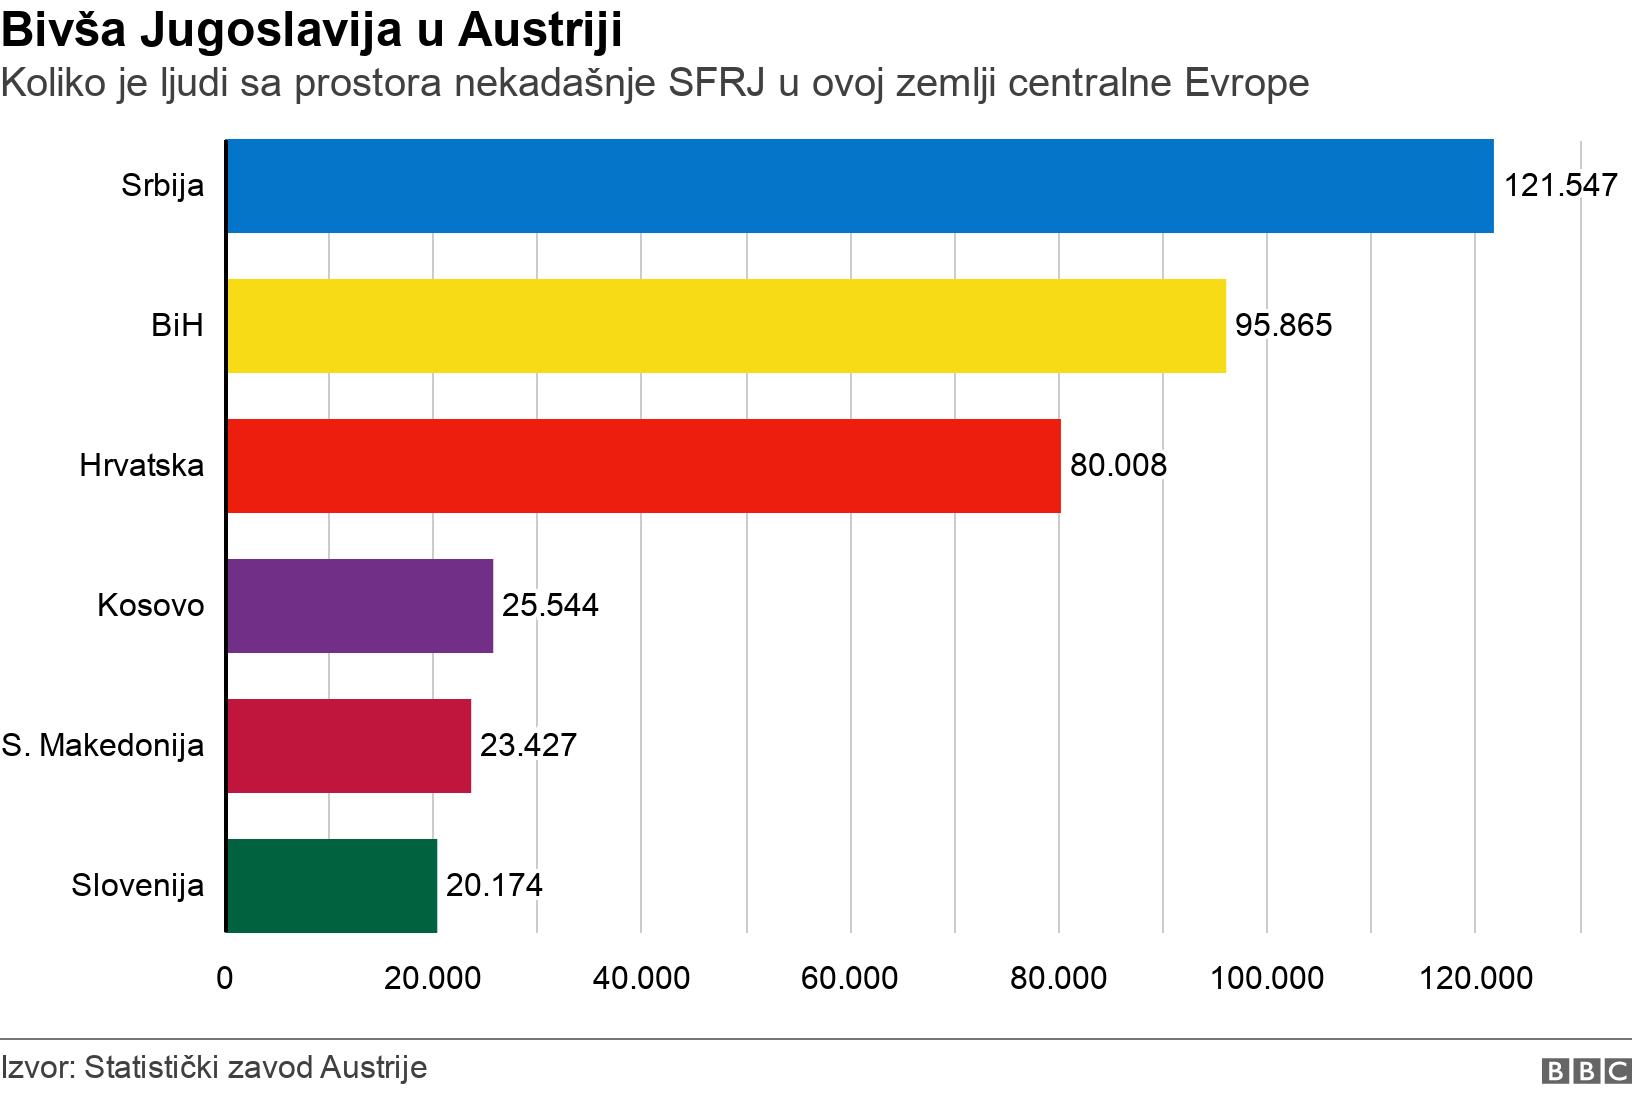 Bivša Jugoslavija u Austriji. Koliko je ljudi sa prostora nekadašnje SFRJ u ovoj zemlji centralne Evrope.  .